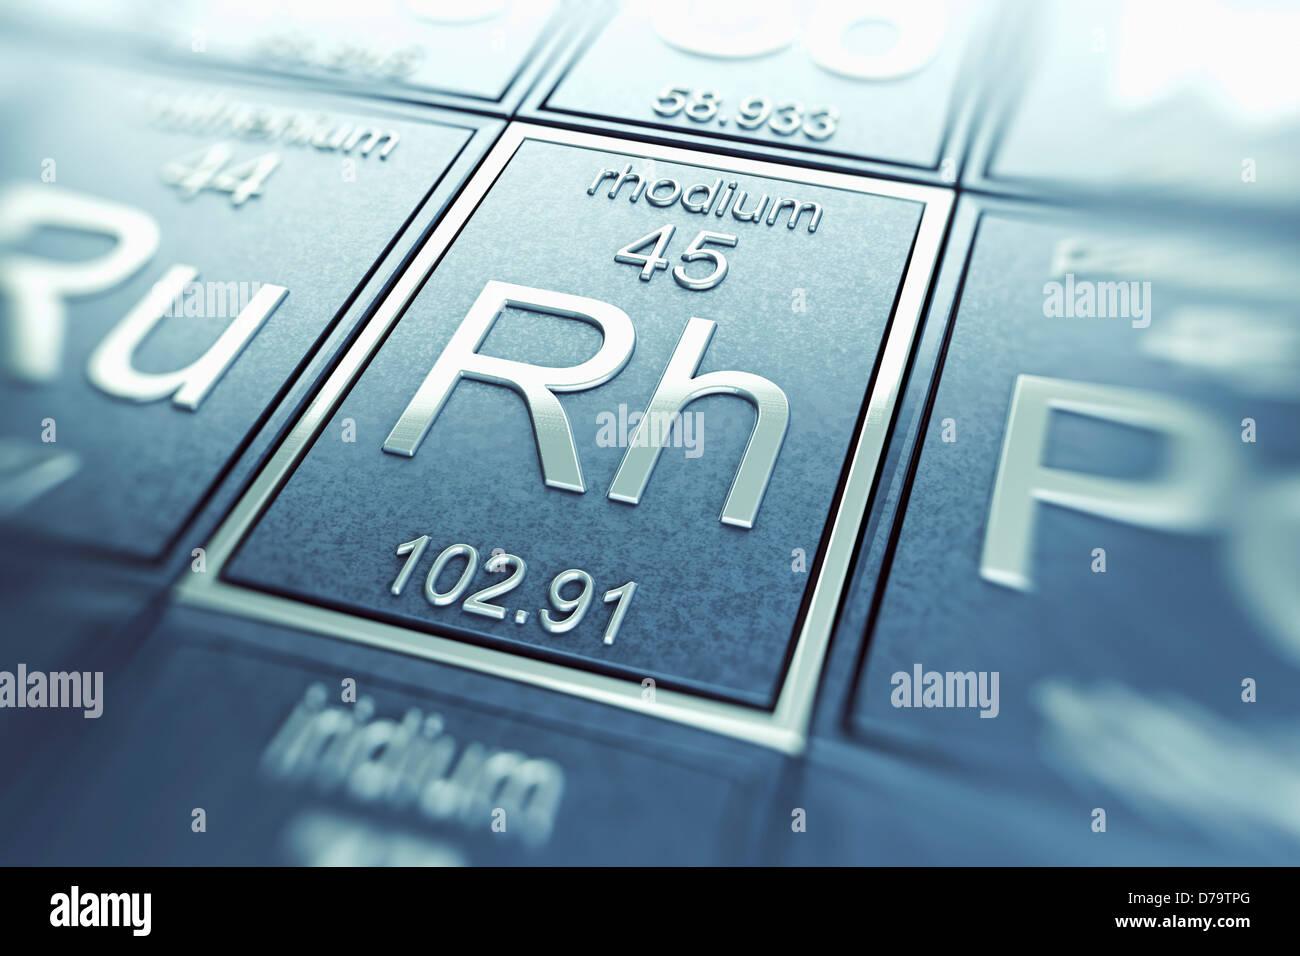 Elemento químico de rodio) Imagen De Stock